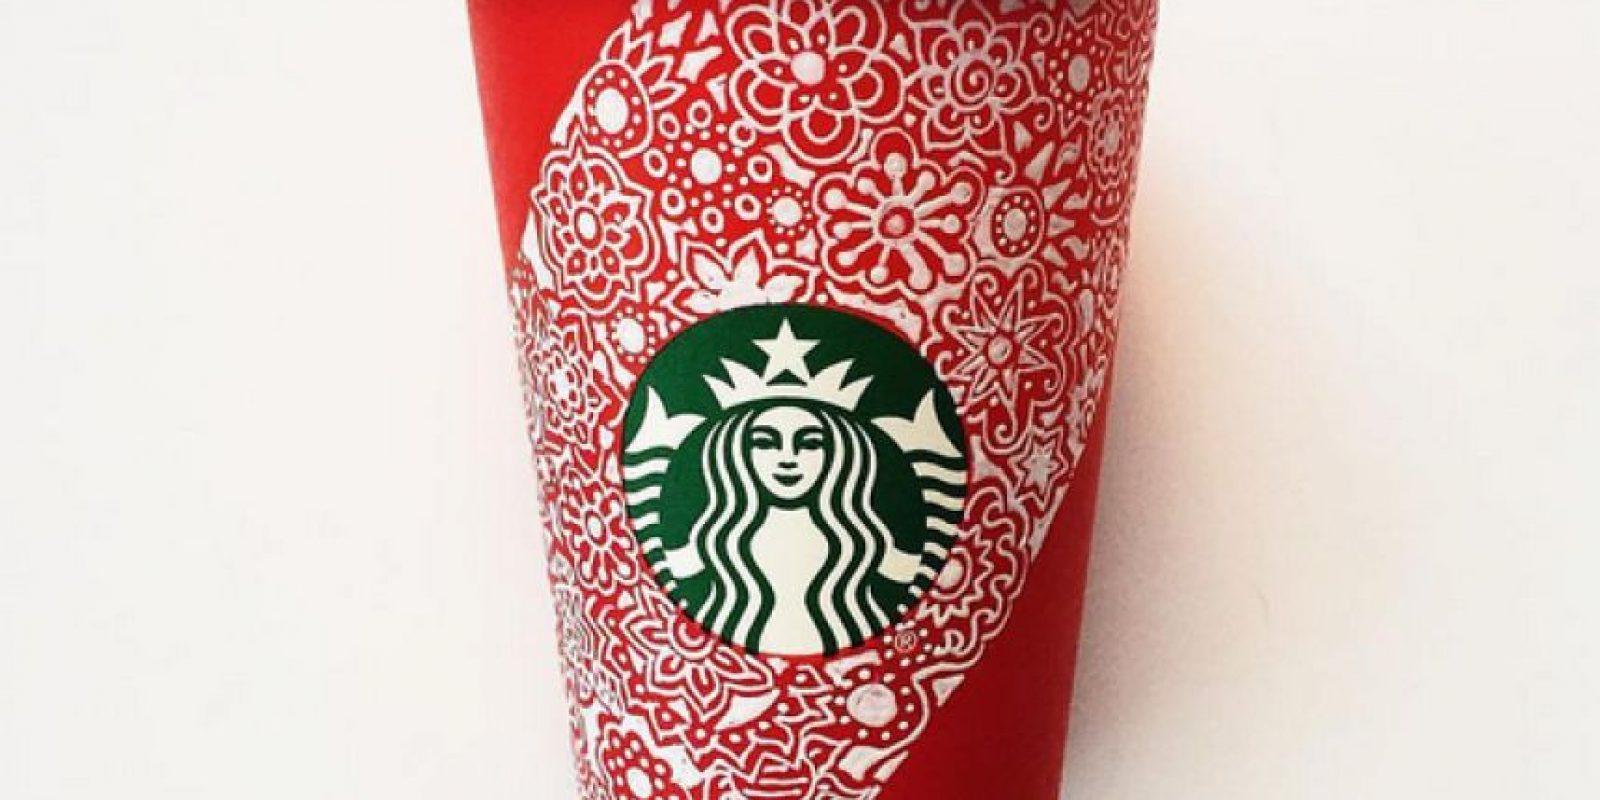 Hace un mes algunos también se quejaron de que el nuevo vaso era solo rojo y no tenía diseños navideños. Foto:Vía Instagram.com/Starbucks